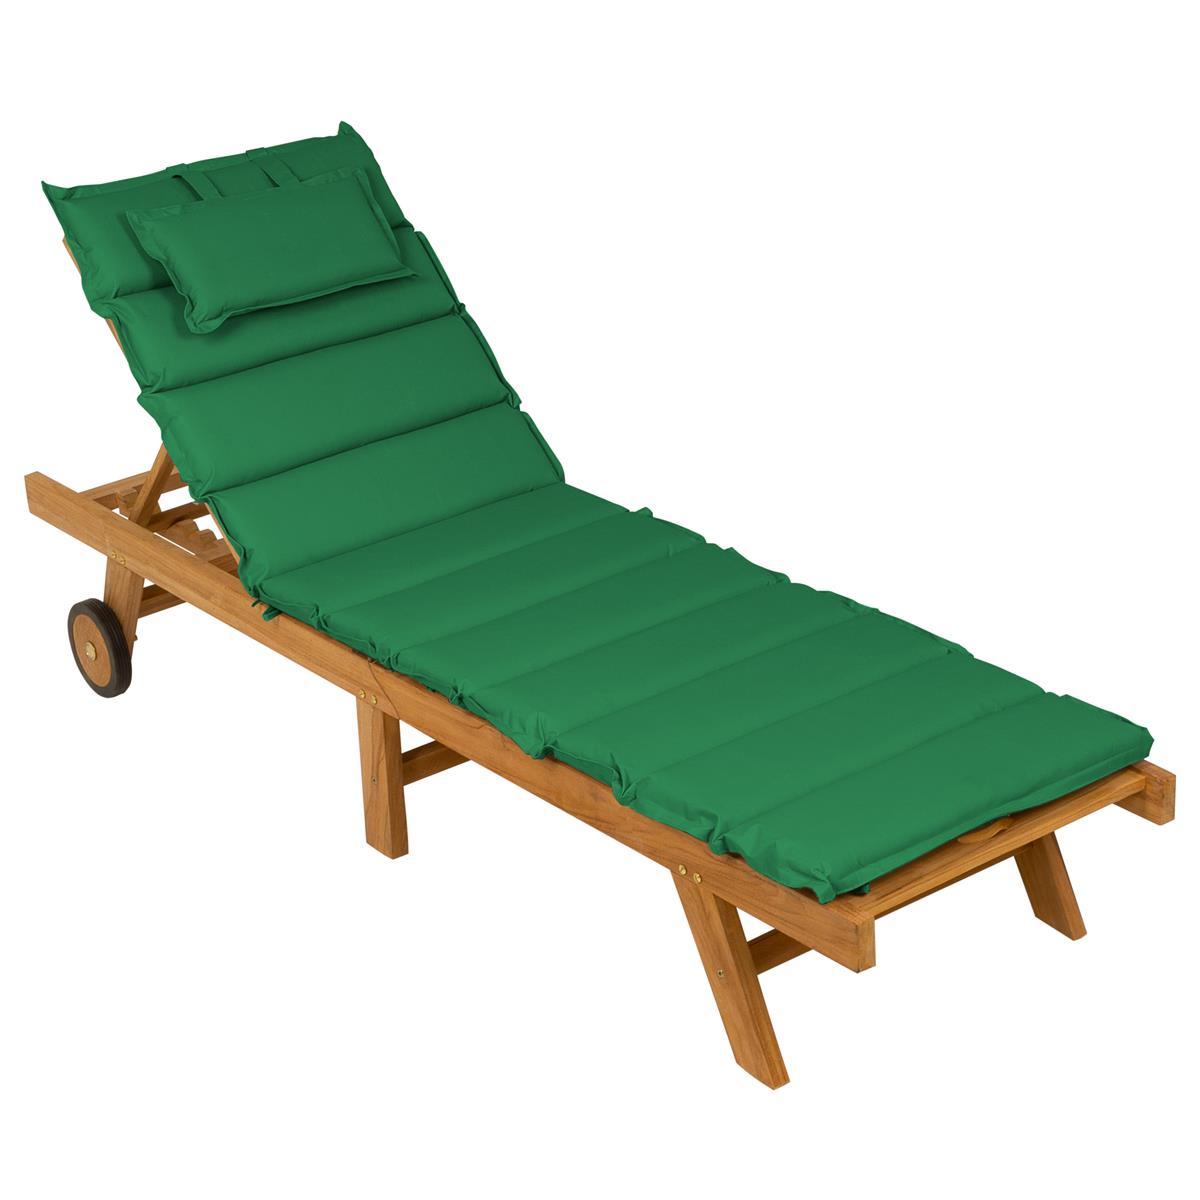 DIVERO Sonnenliege Gartenliege klappbar Teak-Holz behandelt Auflage grün